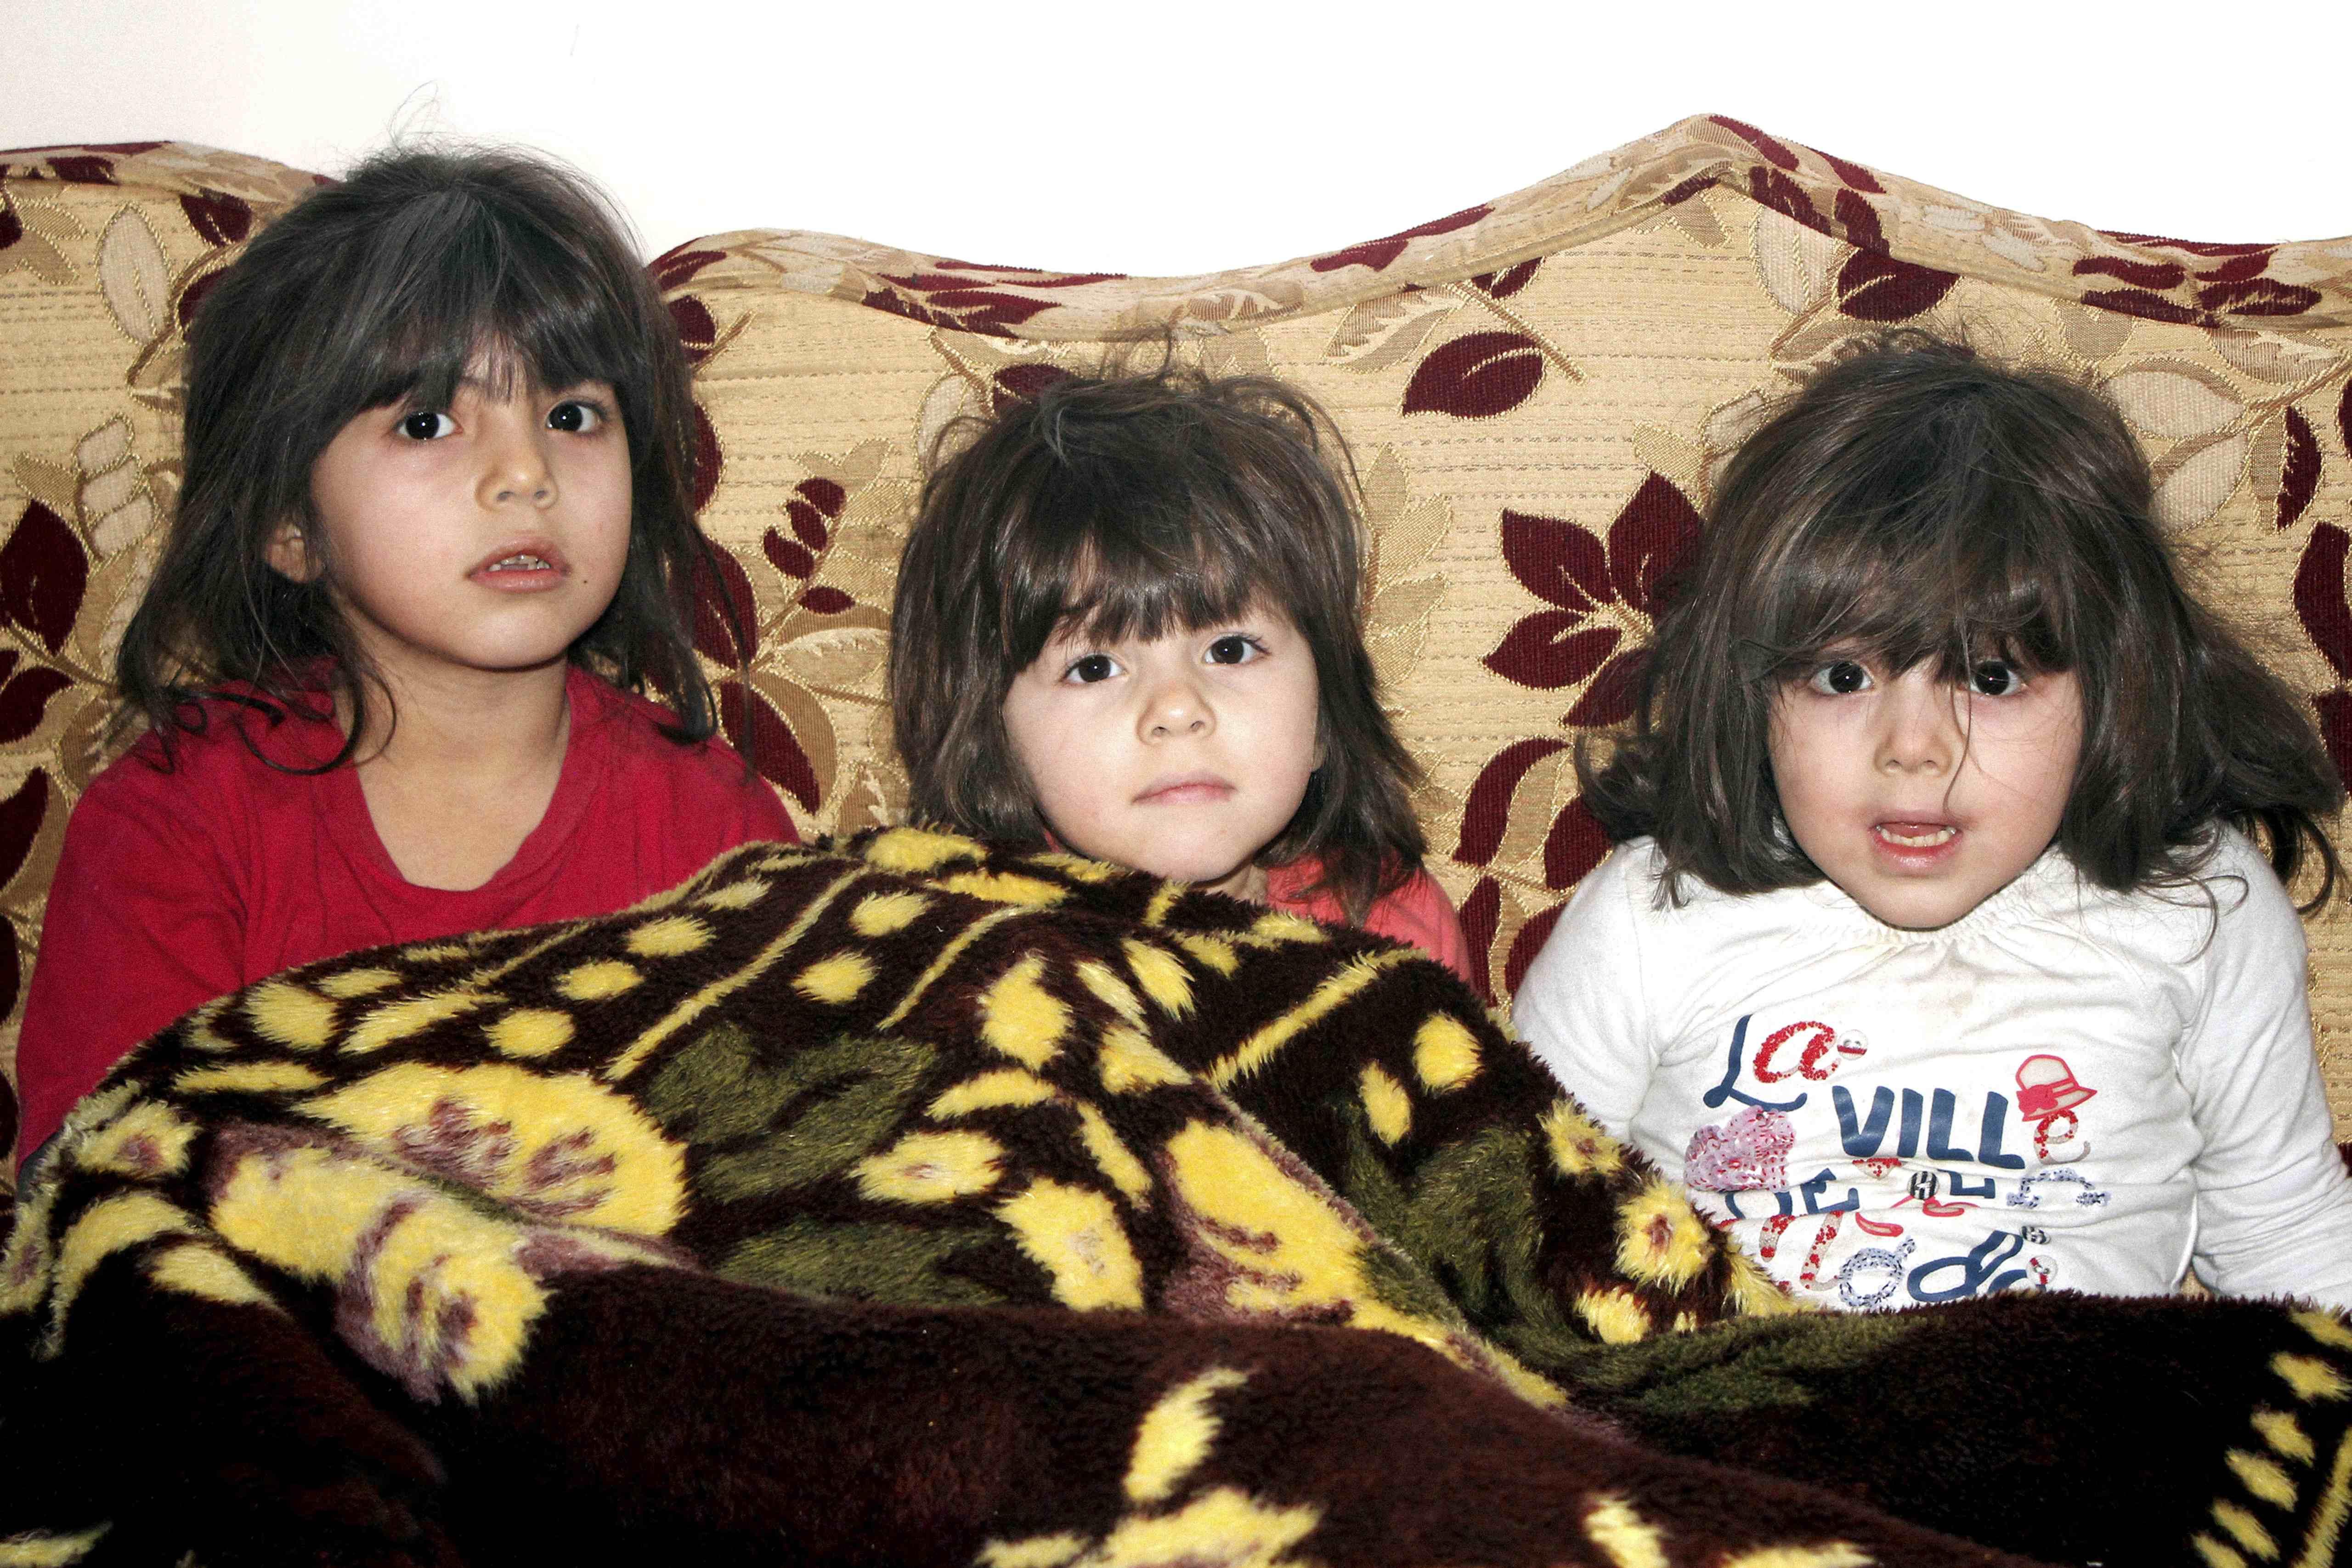 Foto von drei jungen Mädchen in der Stadt Deir Ezzor (Fotograf: Hayyan al-Yousouf)